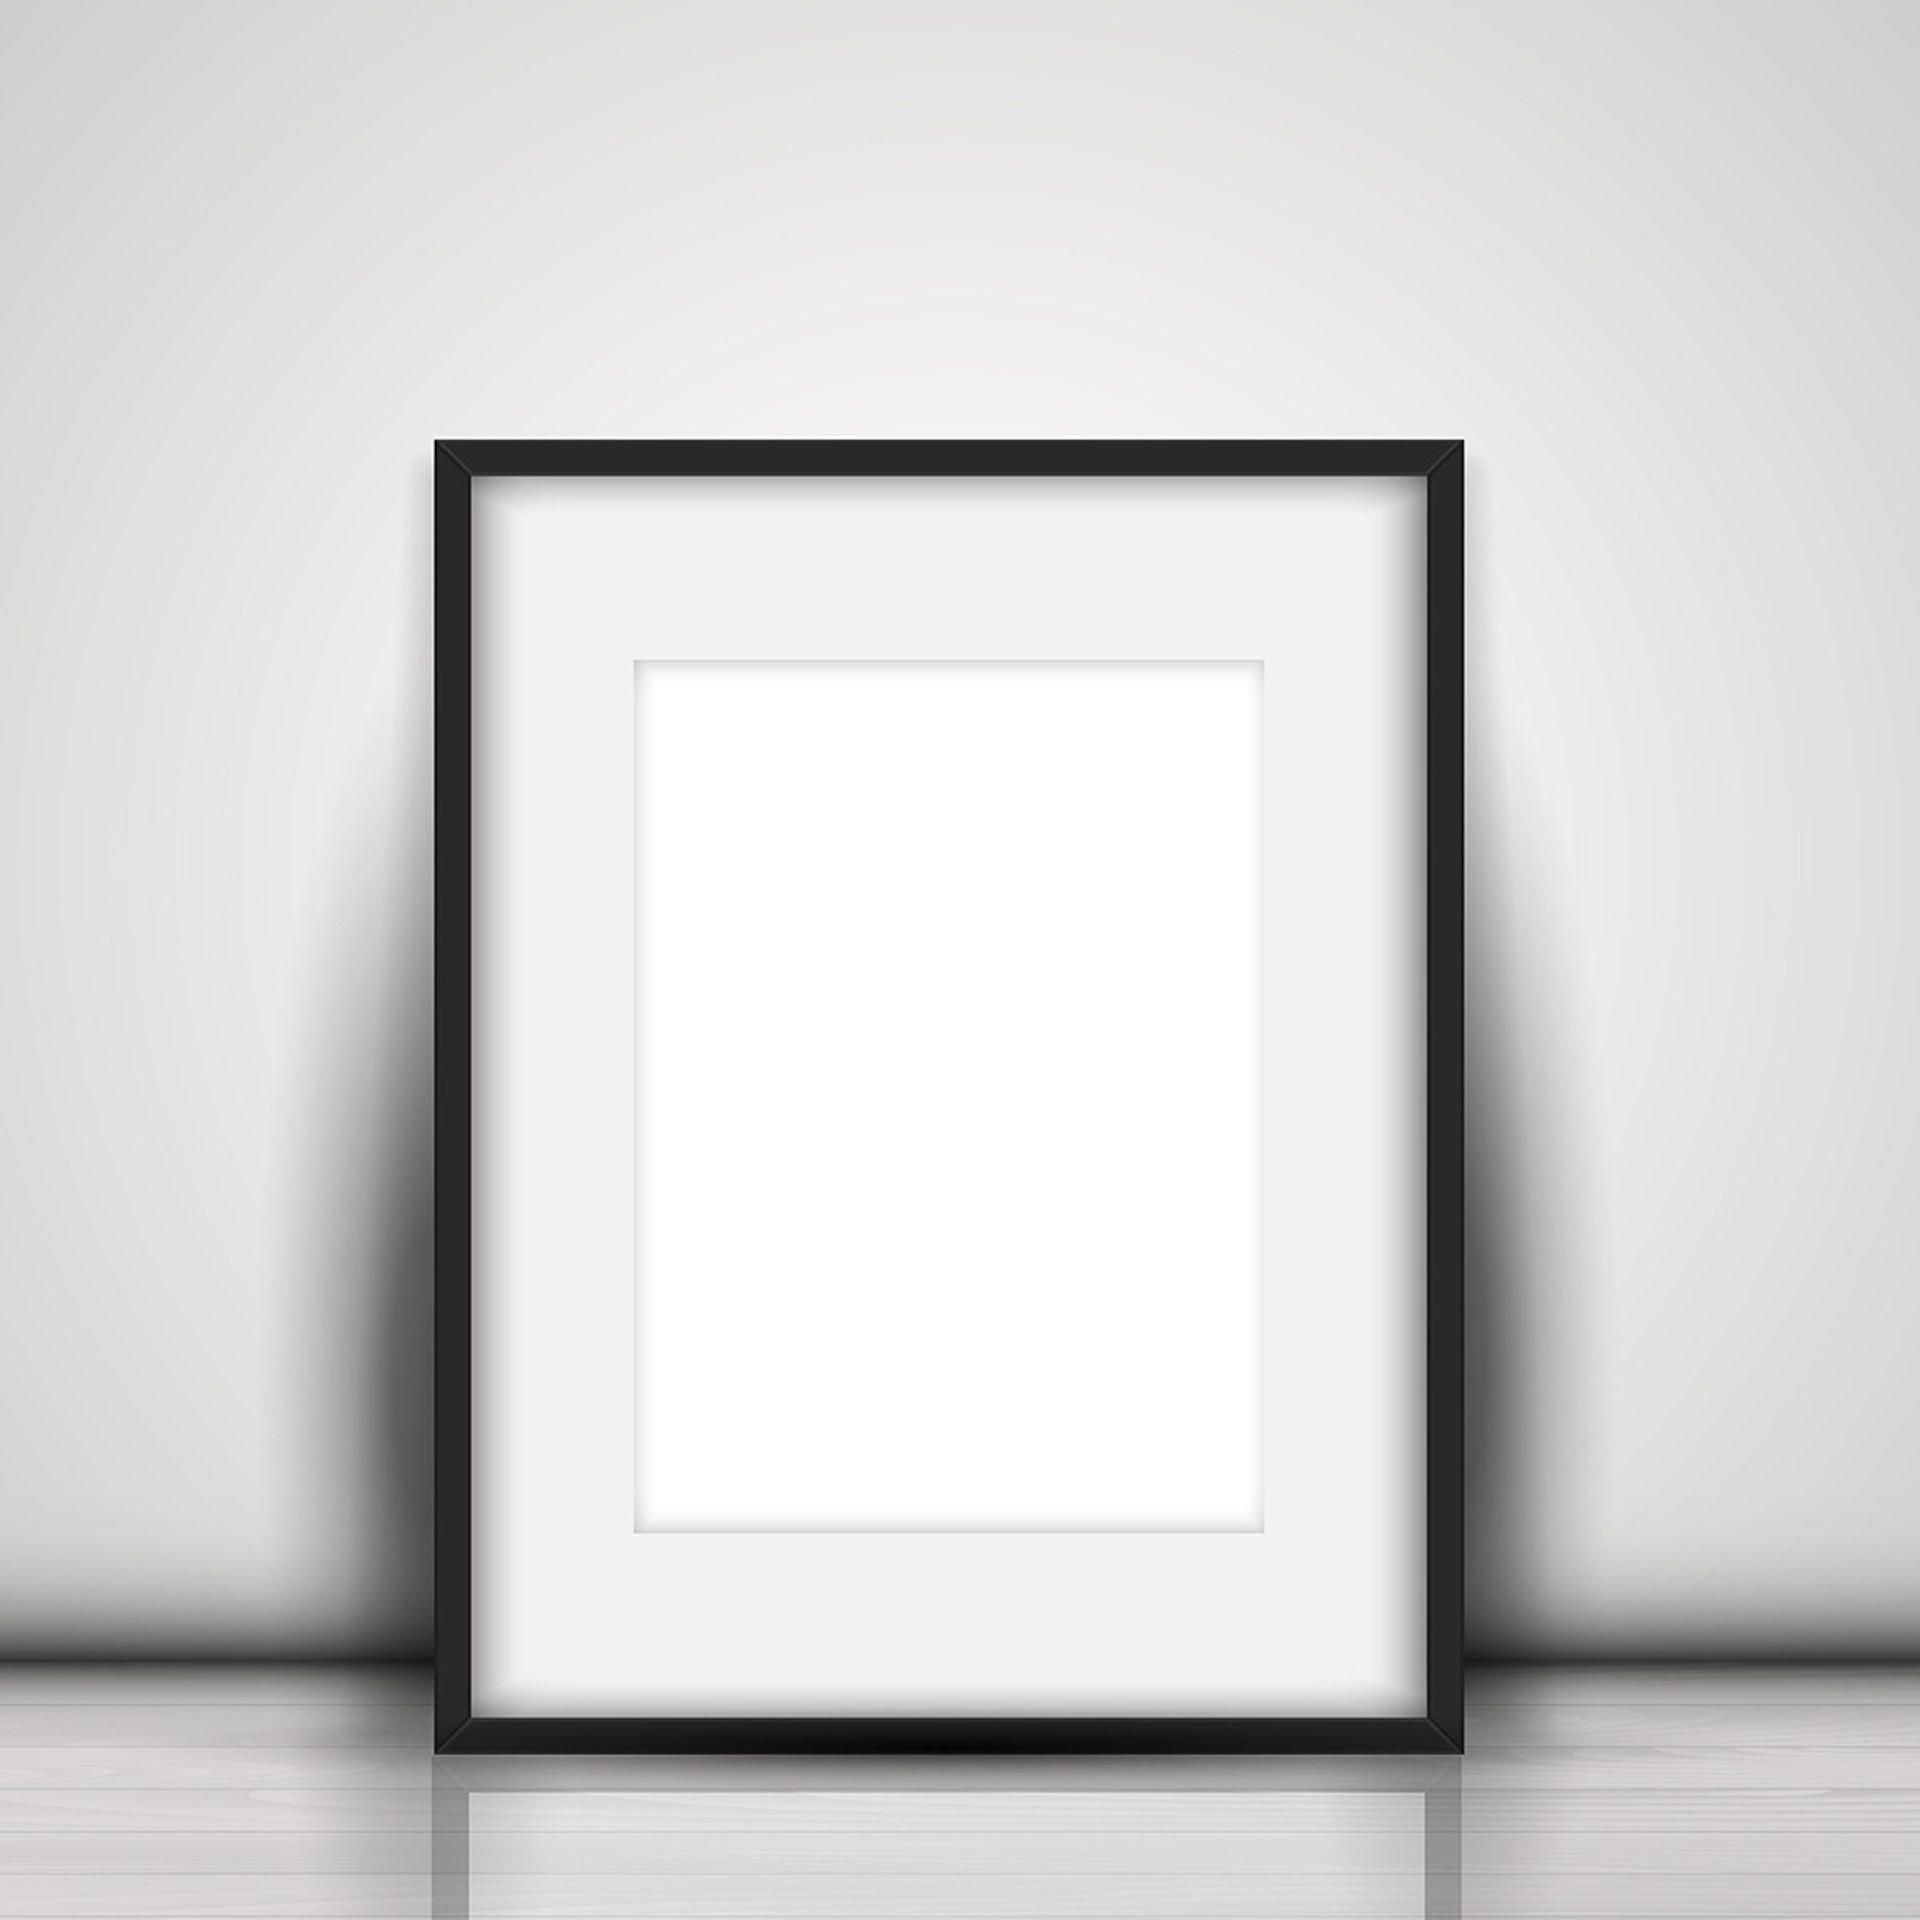 =מסגרת תמונה איכותית דגם FR9229, כולל הדפסת תמונה.